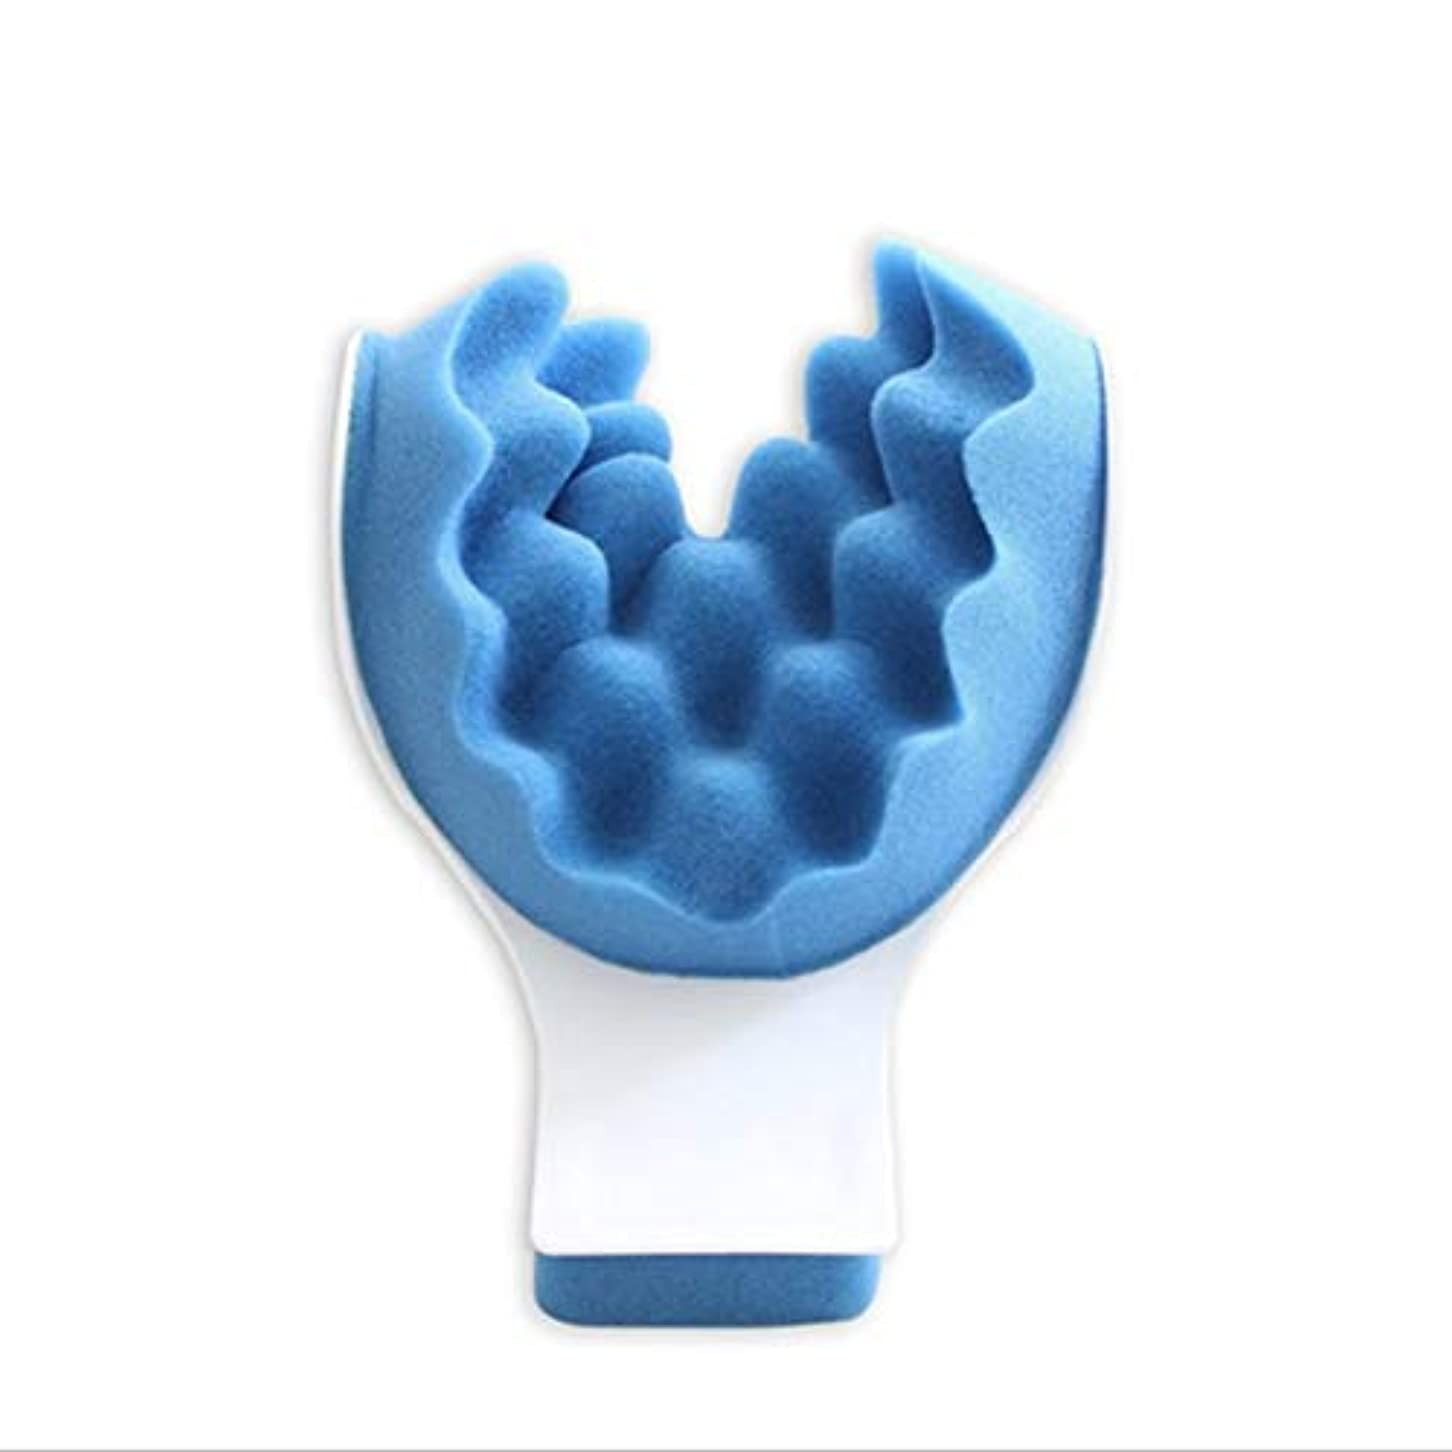 同級生ピアニスト中間マッスルテンションリリーフタイトネスと痛みの緩和セラピーティックネックサポートテンションリリーフネック&ショルダーリラクサー - ブルー